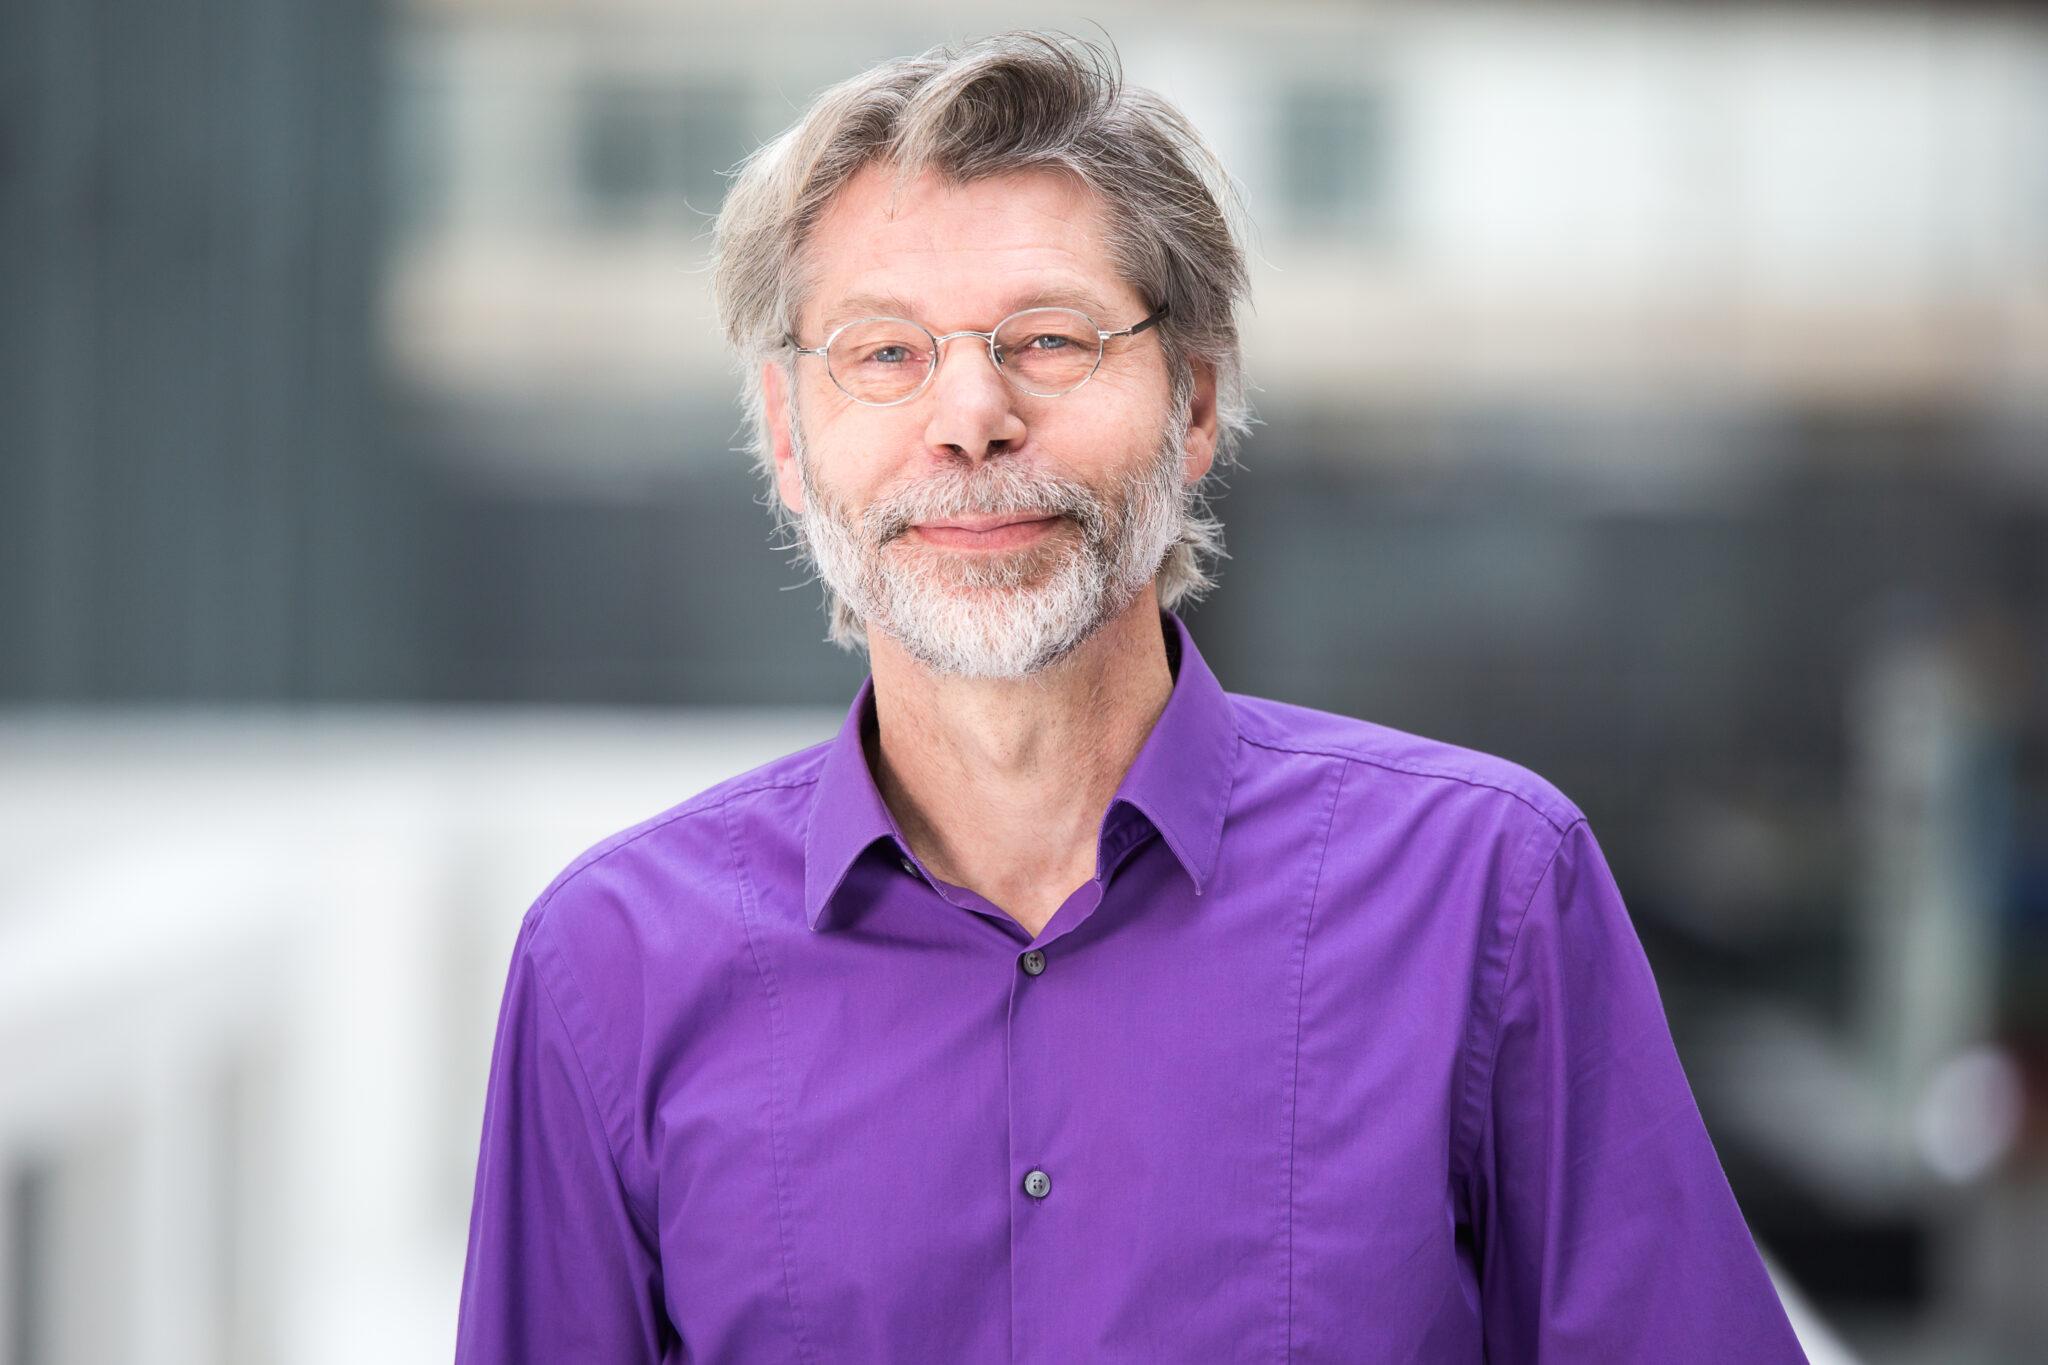 Roland Kanaar